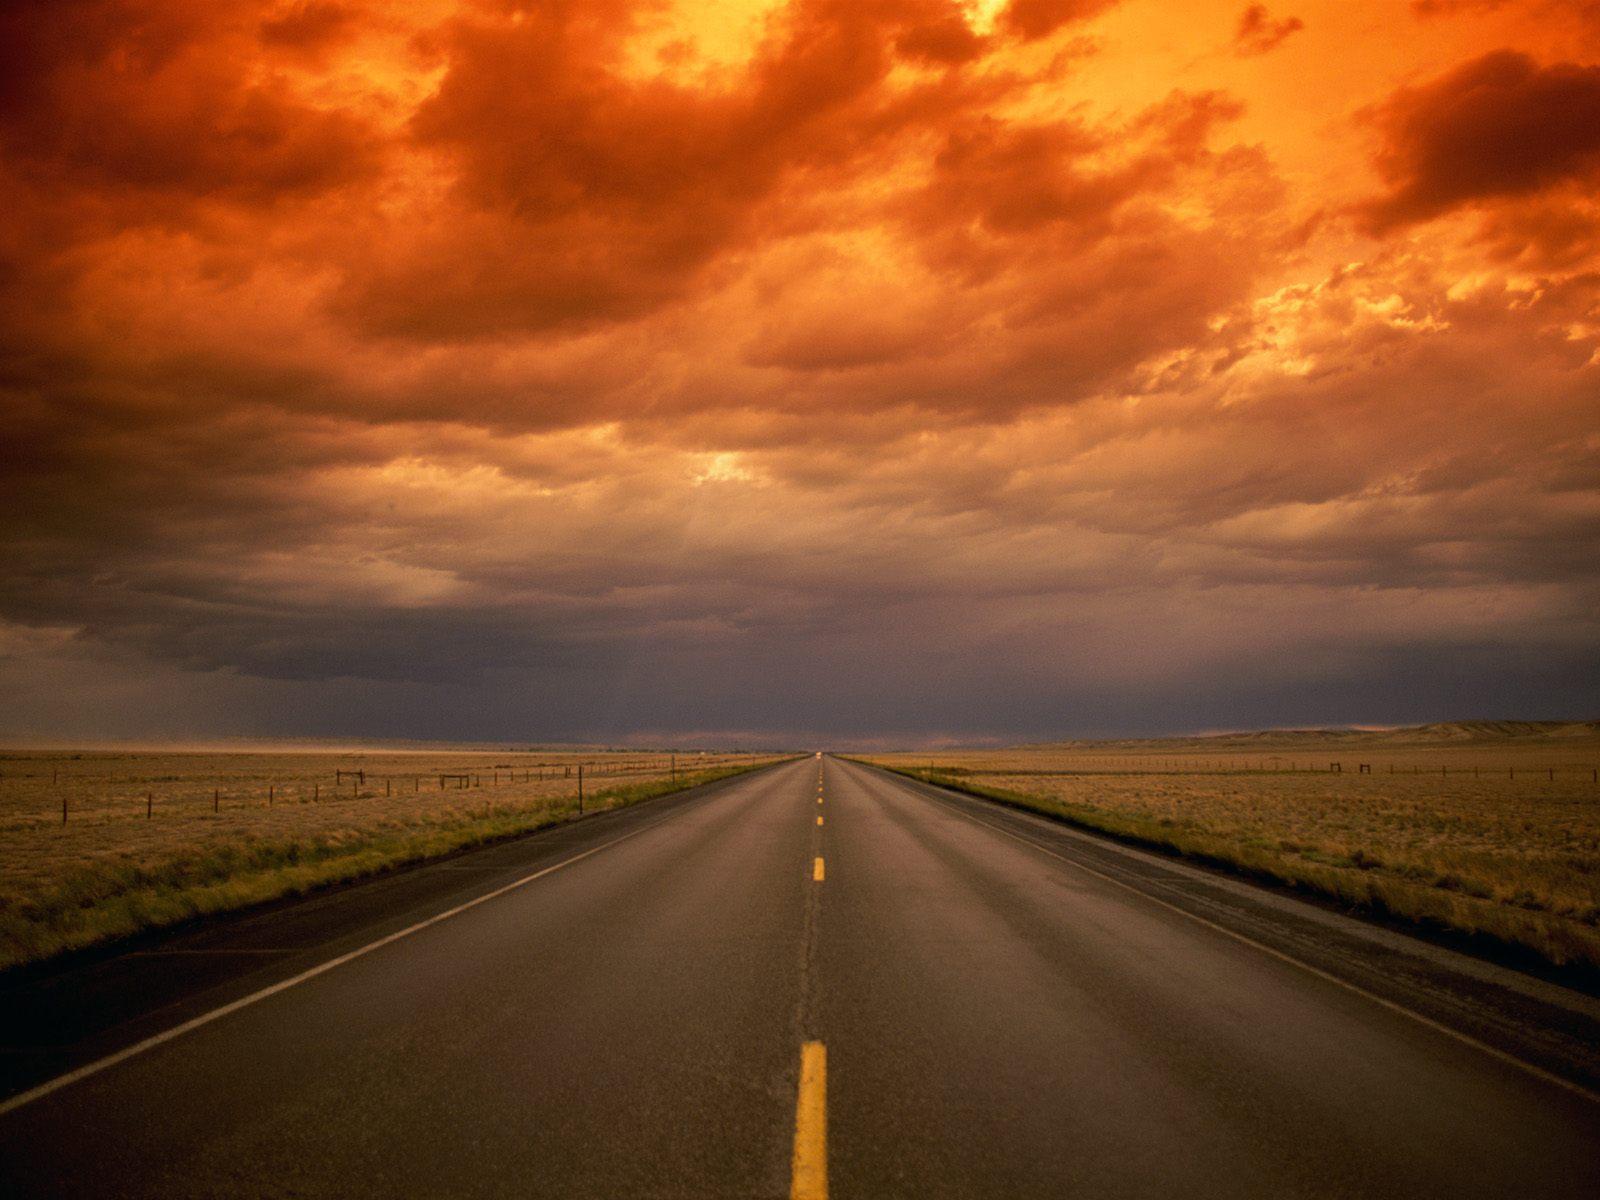 закат и прямая асфальтова дорога, белая дорожная разметка, скачать фото, обои на рабочий стол, road wallpaper